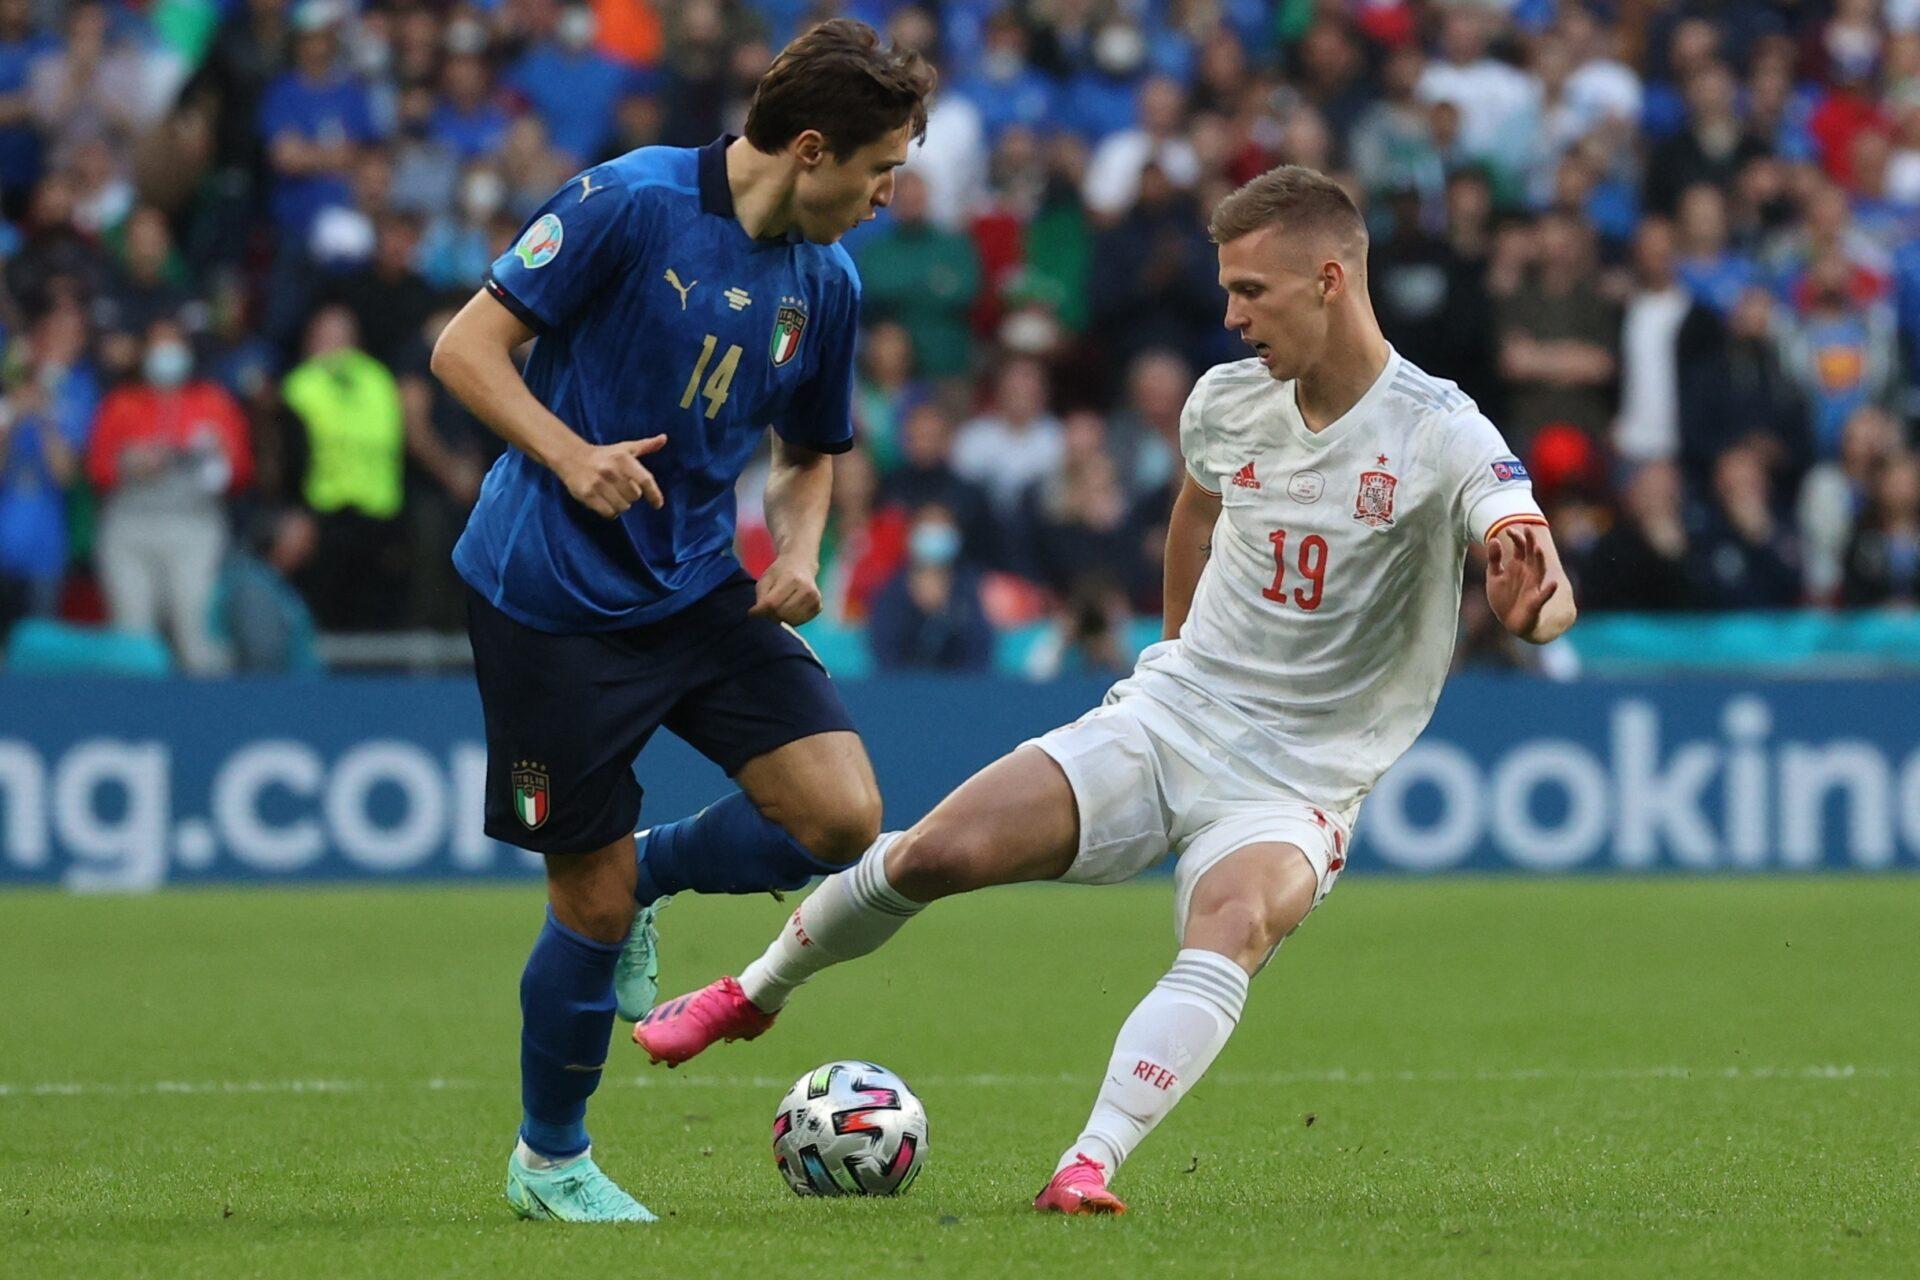 Trois mois après leur affrontement à l'Euro, l'Italie et l'Espagne se feront face pour une place en finale de Ligue des nations (iconsport)